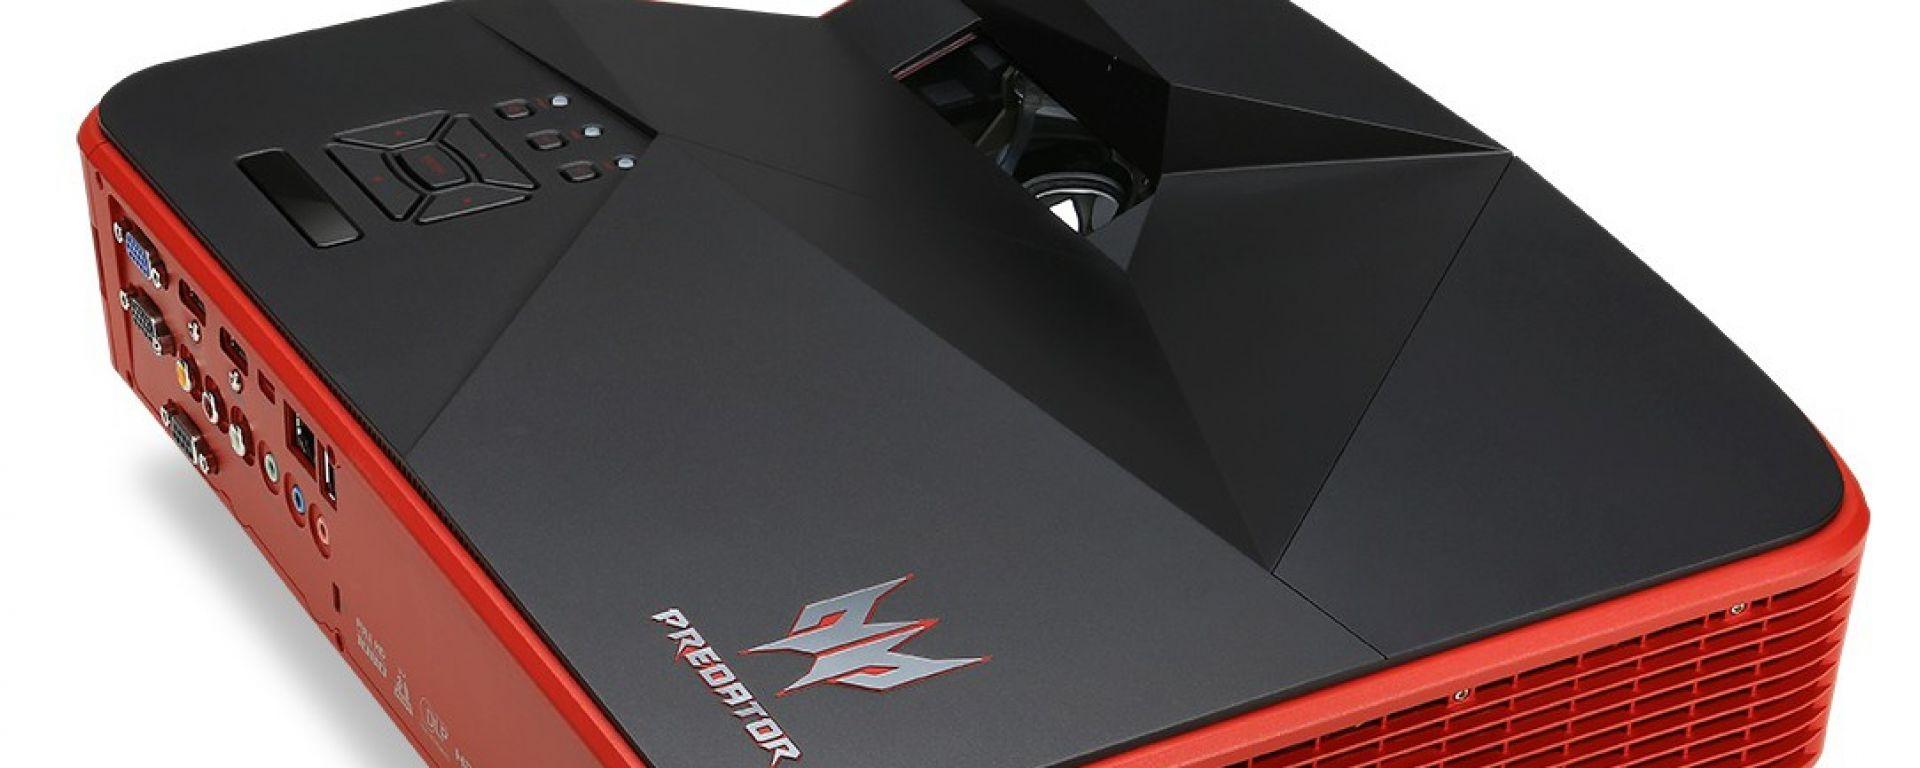 Acer Predator Z850: quando la tv non basta più